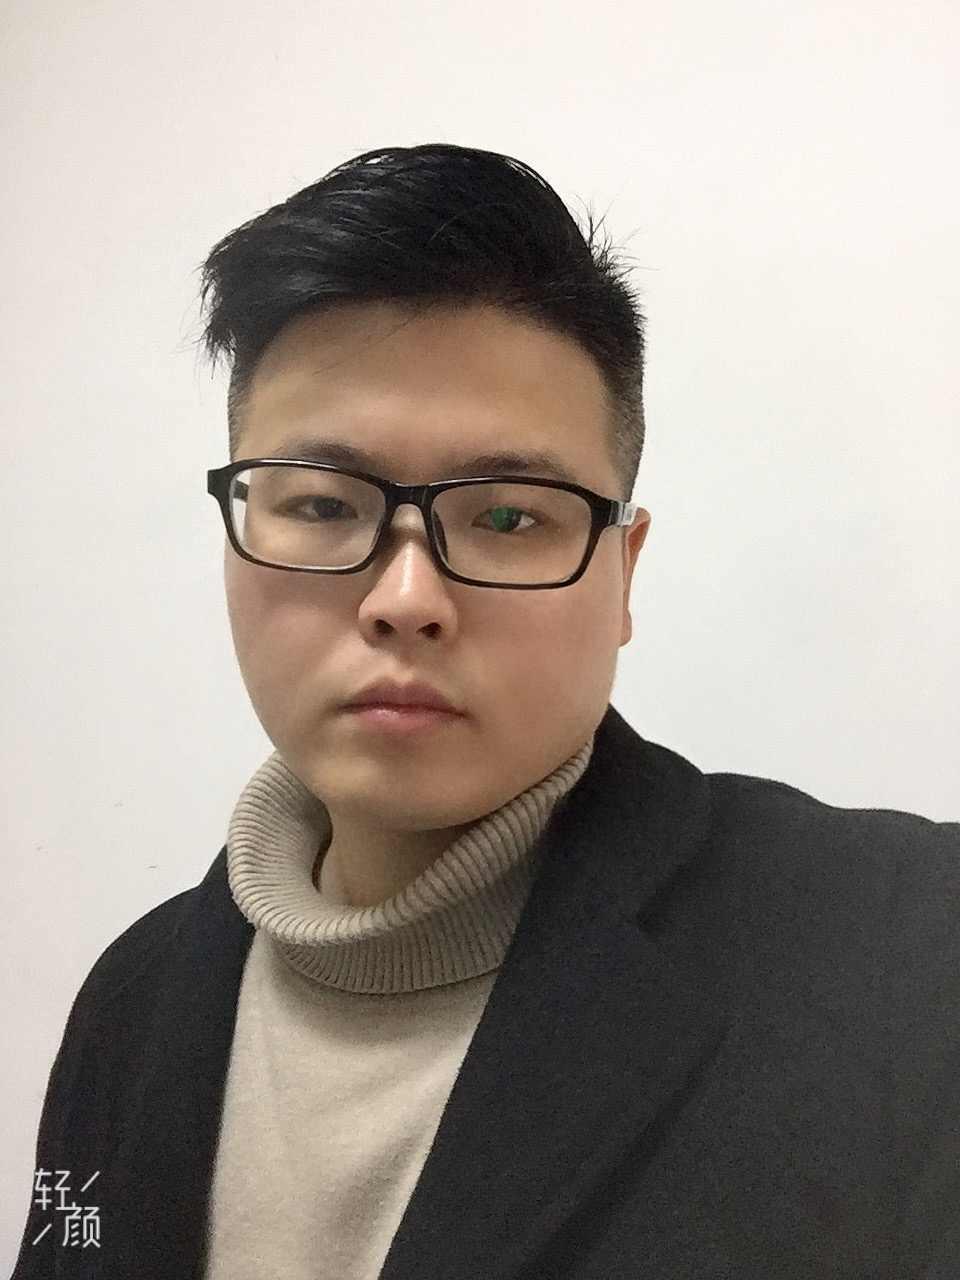 浙江杭州会员11057695